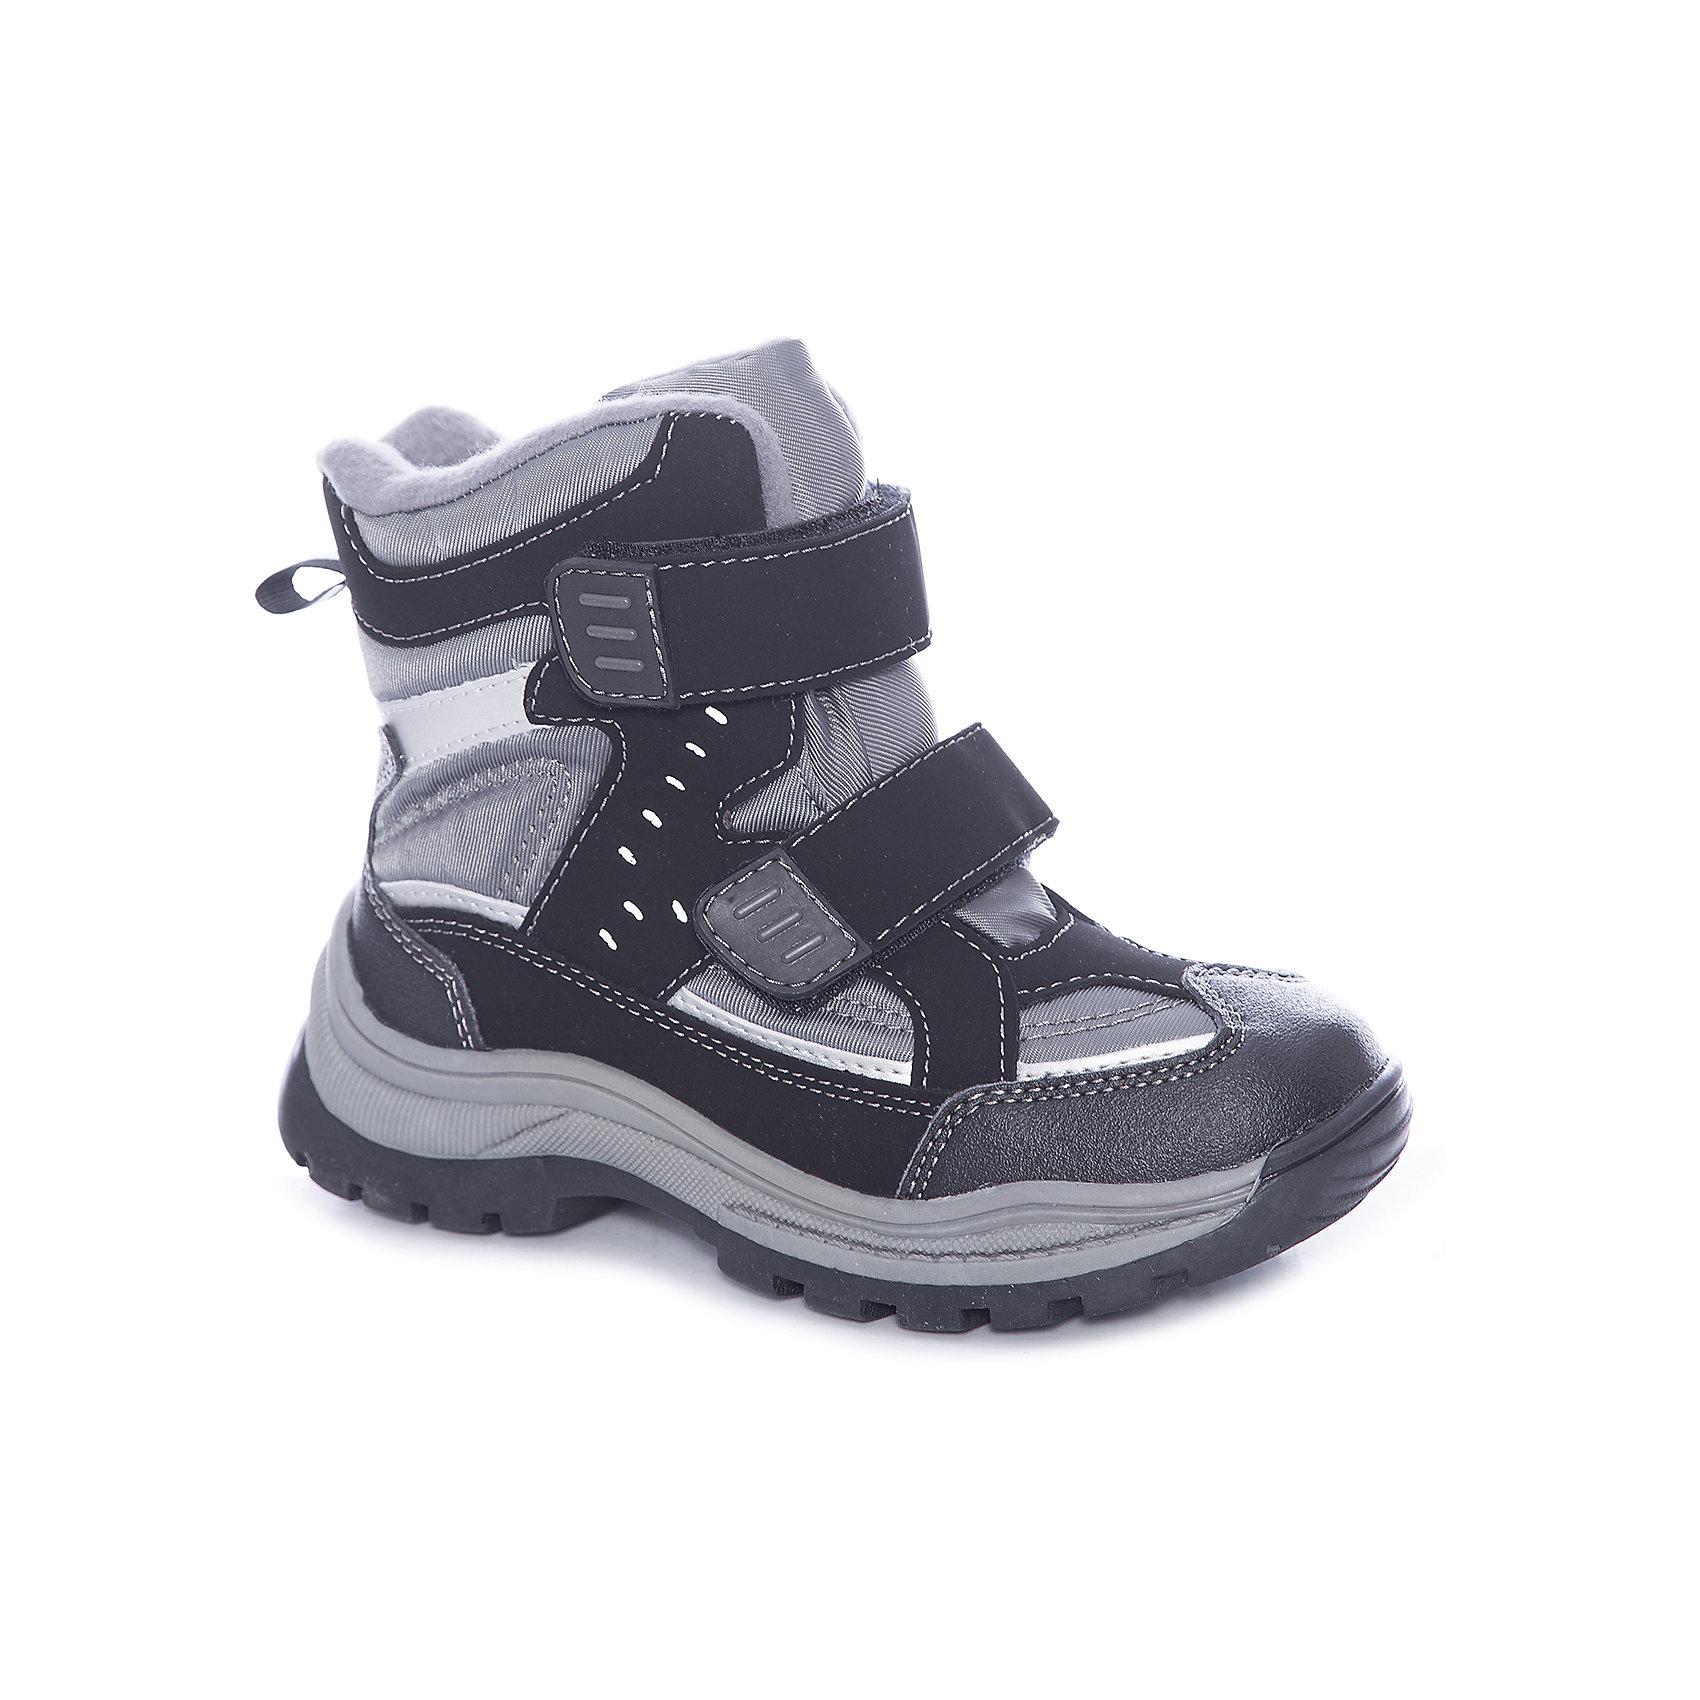 Ботинки для мальчика ScoolБотинки для мальчика Scool – удобство и комфорт в одной обуви.<br>Мягкие ботинки выполнены из искусственной кожи и текстиля. Застегиваются на липучки, что очень удобно для детей. Подошва с рифлением против скольжения. Не пропускают влагу, оставляя ноги сухими и теплыми. Сами ботинки сделаны с учетом правильного формирования стопы. <br><br>Дополнительная информация:<br><br>- материал: 60% искусственная кожа, 40% ПЭ<br>- цвет: серый<br><br>Ботинки для мальчика Scool можно купить в нашем интернет магазине.<br><br>Ширина мм: 257<br>Глубина мм: 180<br>Высота мм: 130<br>Вес г: 420<br>Цвет: черный<br>Возраст от месяцев: 120<br>Возраст до месяцев: 132<br>Пол: Мужской<br>Возраст: Детский<br>Размер: 34,36,33,35,38,32,31,37<br>SKU: 4911756